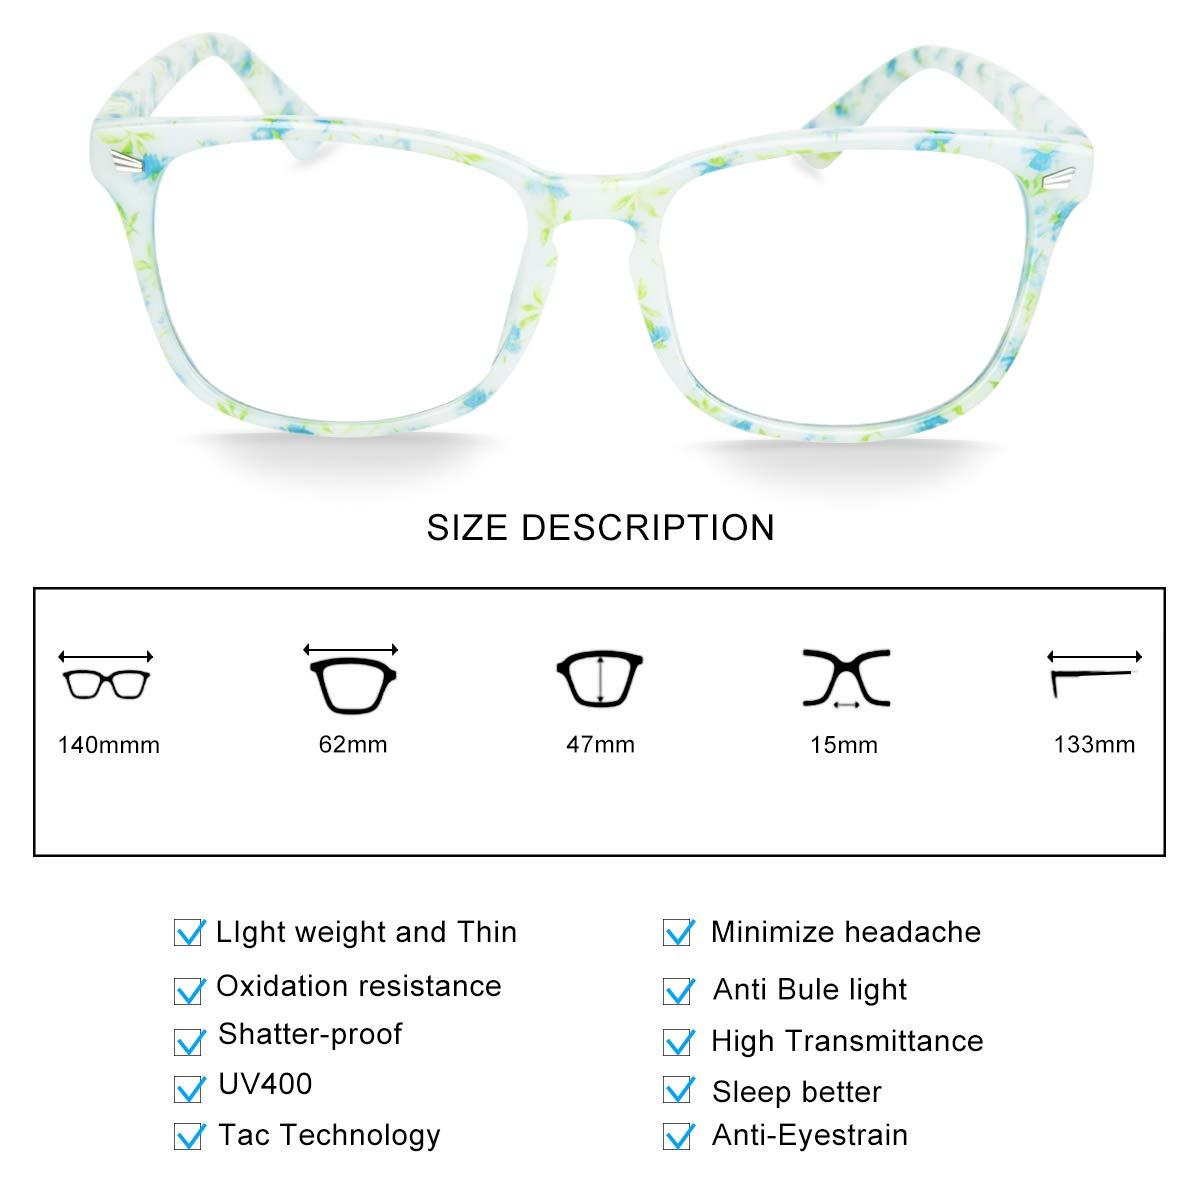 Computer Reading//Gaming//TV//Phones Glasses for Women Men,Anti Eyestrain /& UV Glare LI8081 Livh/ò Blue Light Blocking Glasses Bean Flower